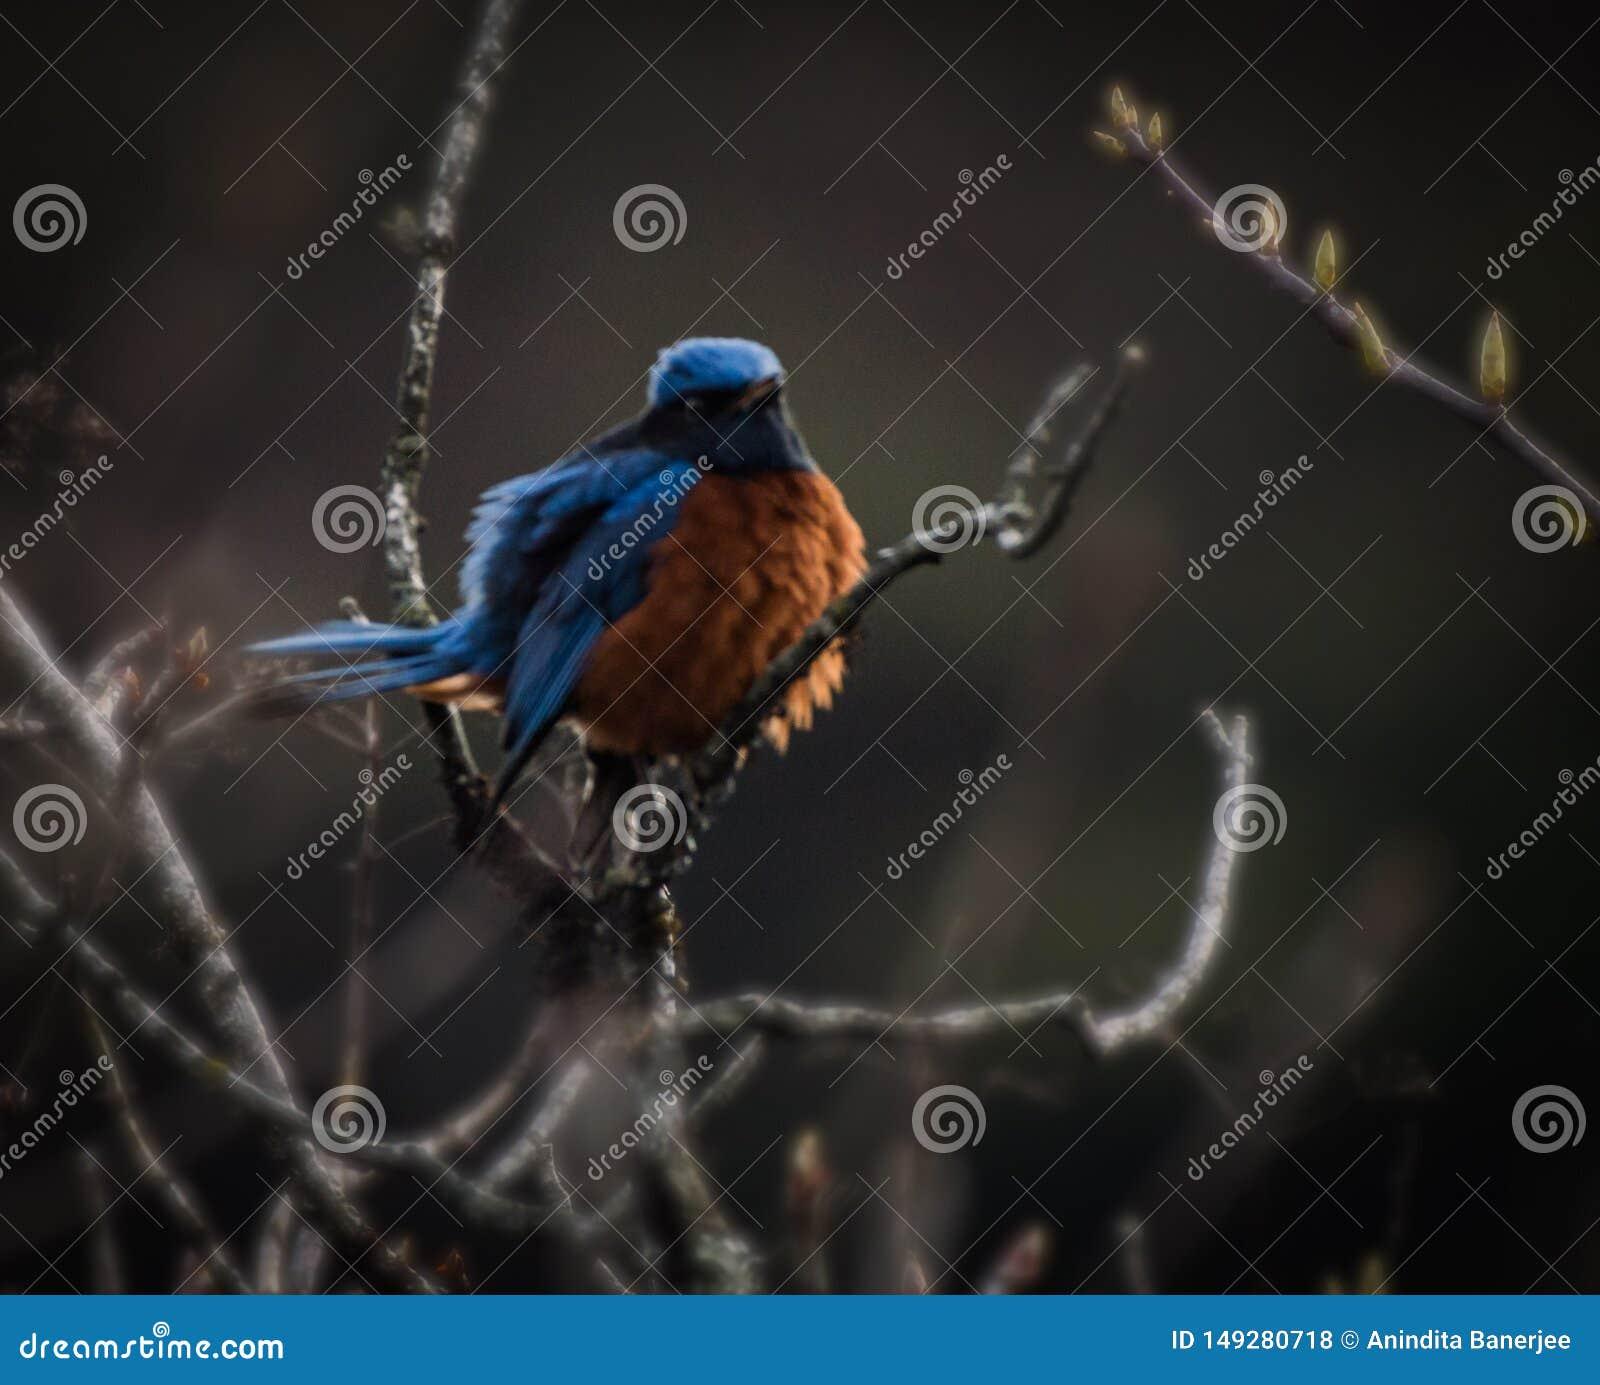 Himalayan blue bird